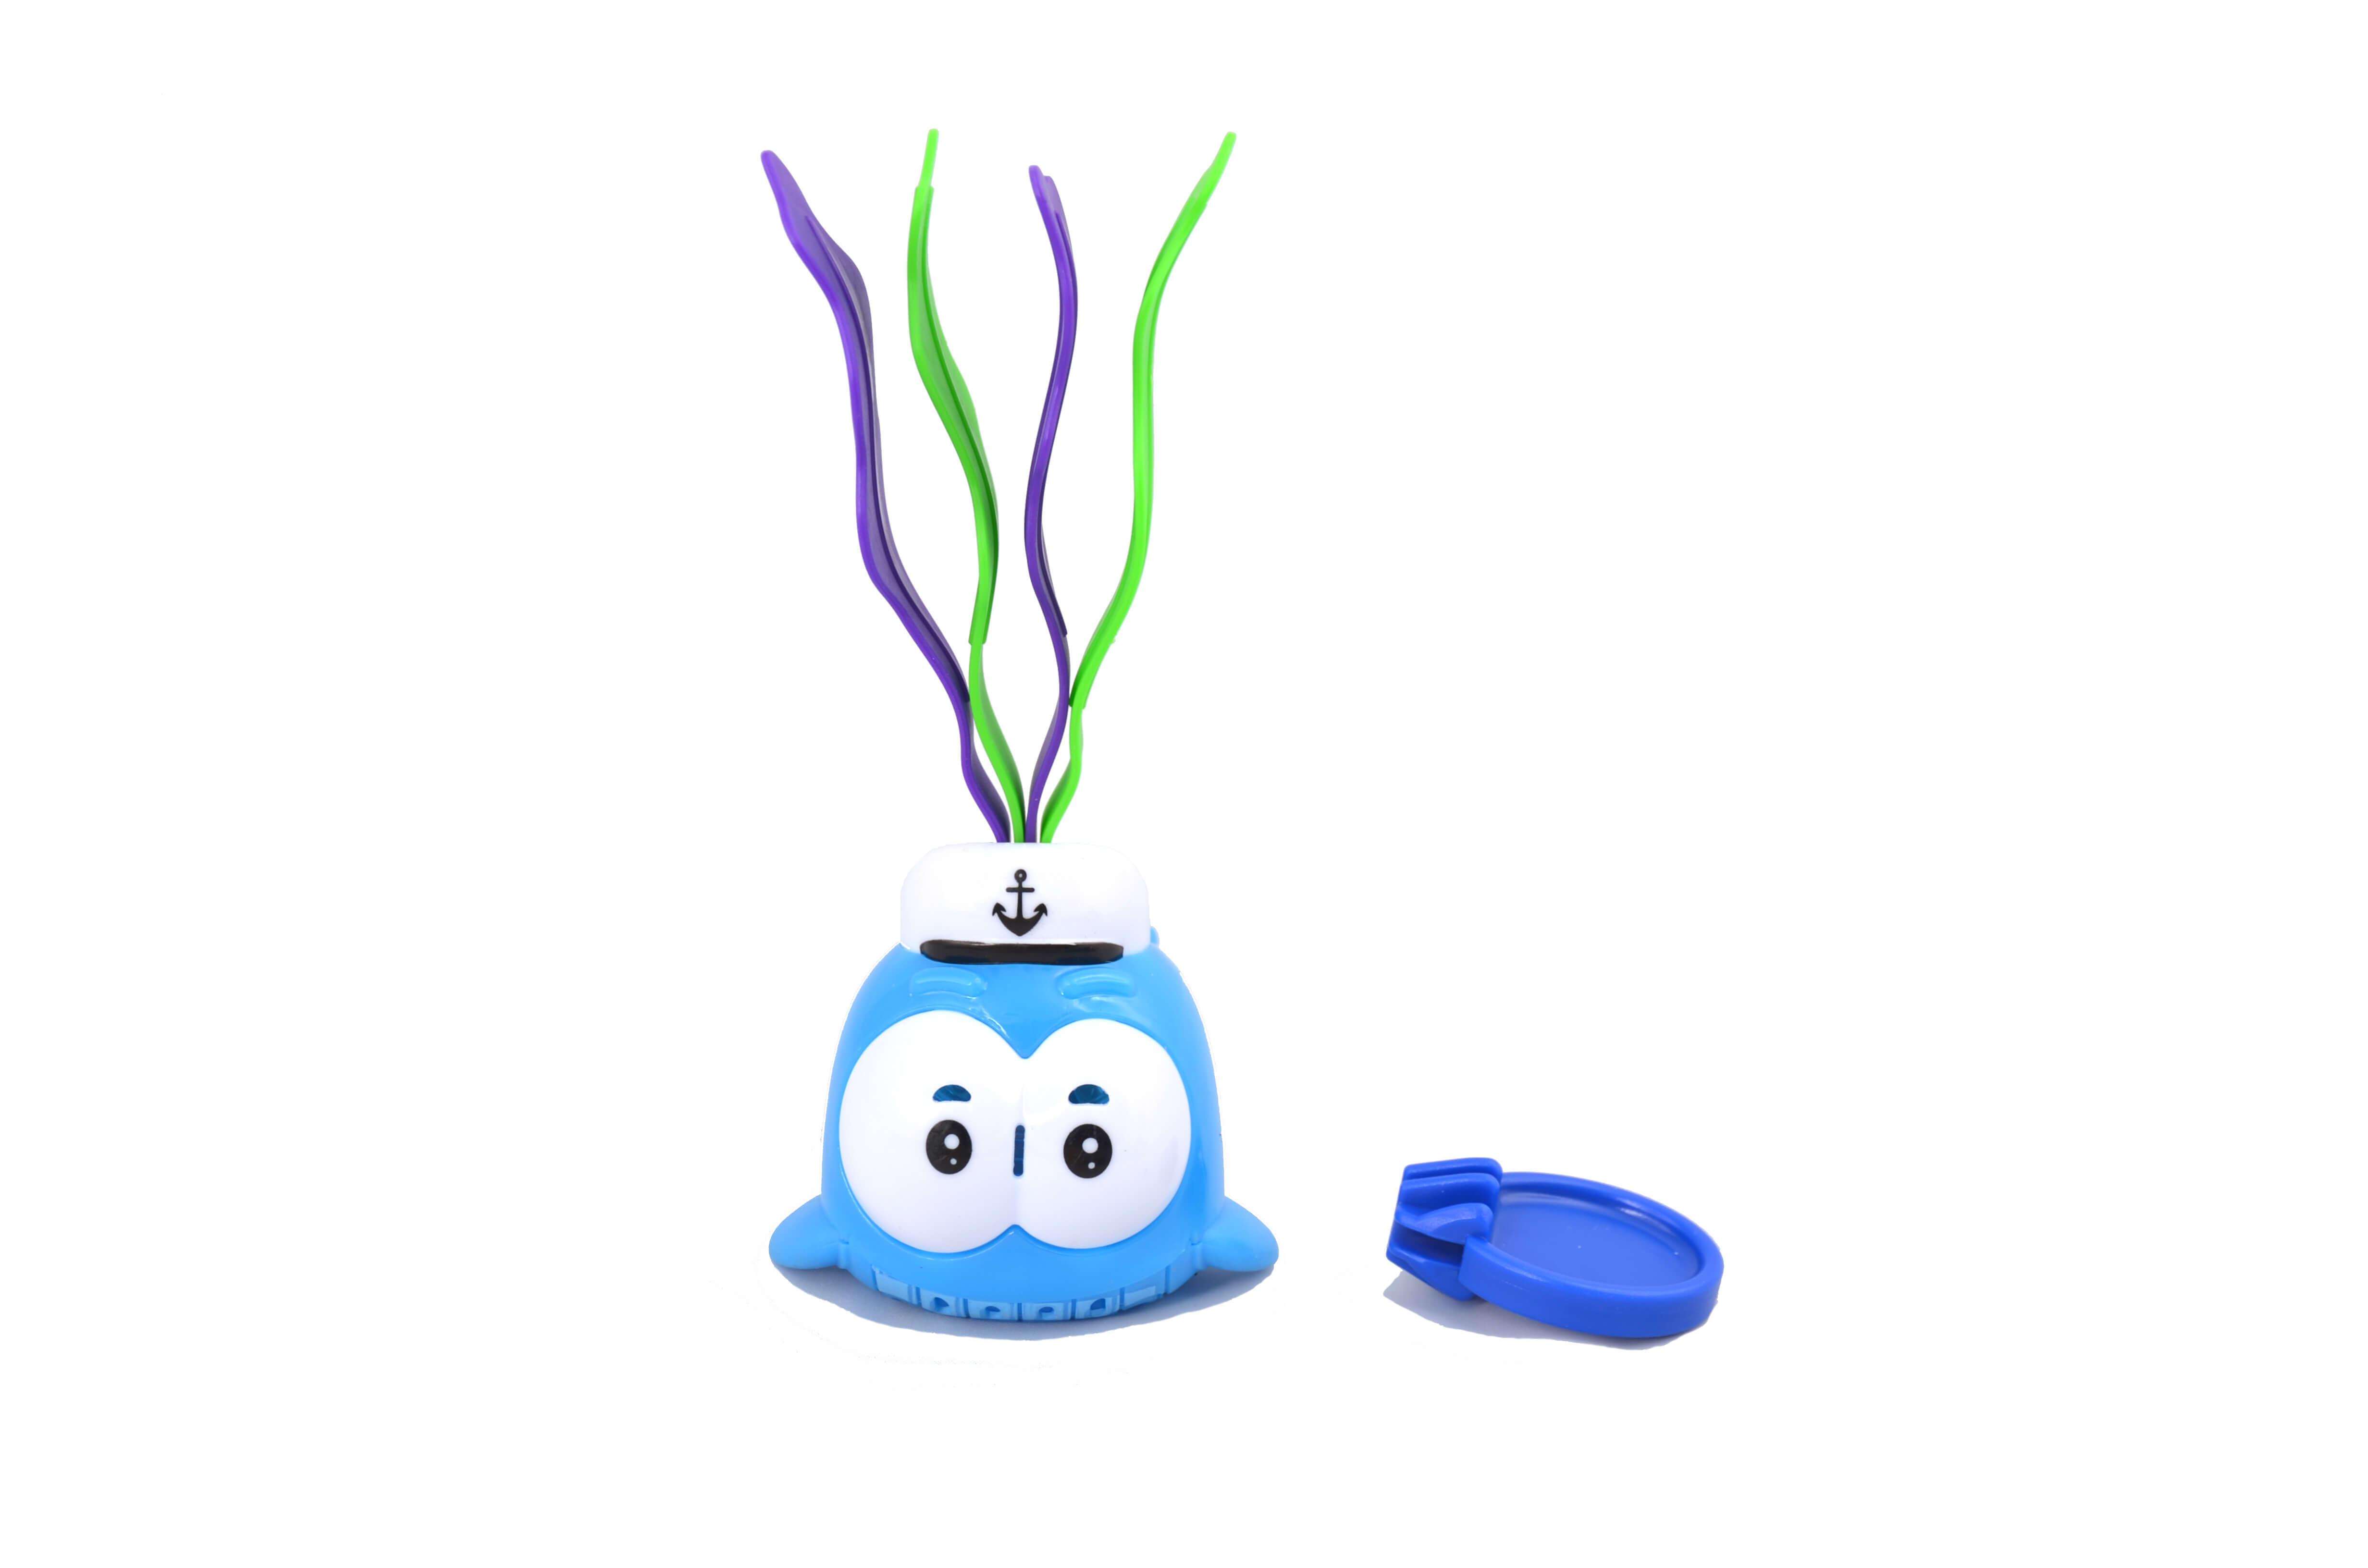 juguetes para la alberca1_club cañada